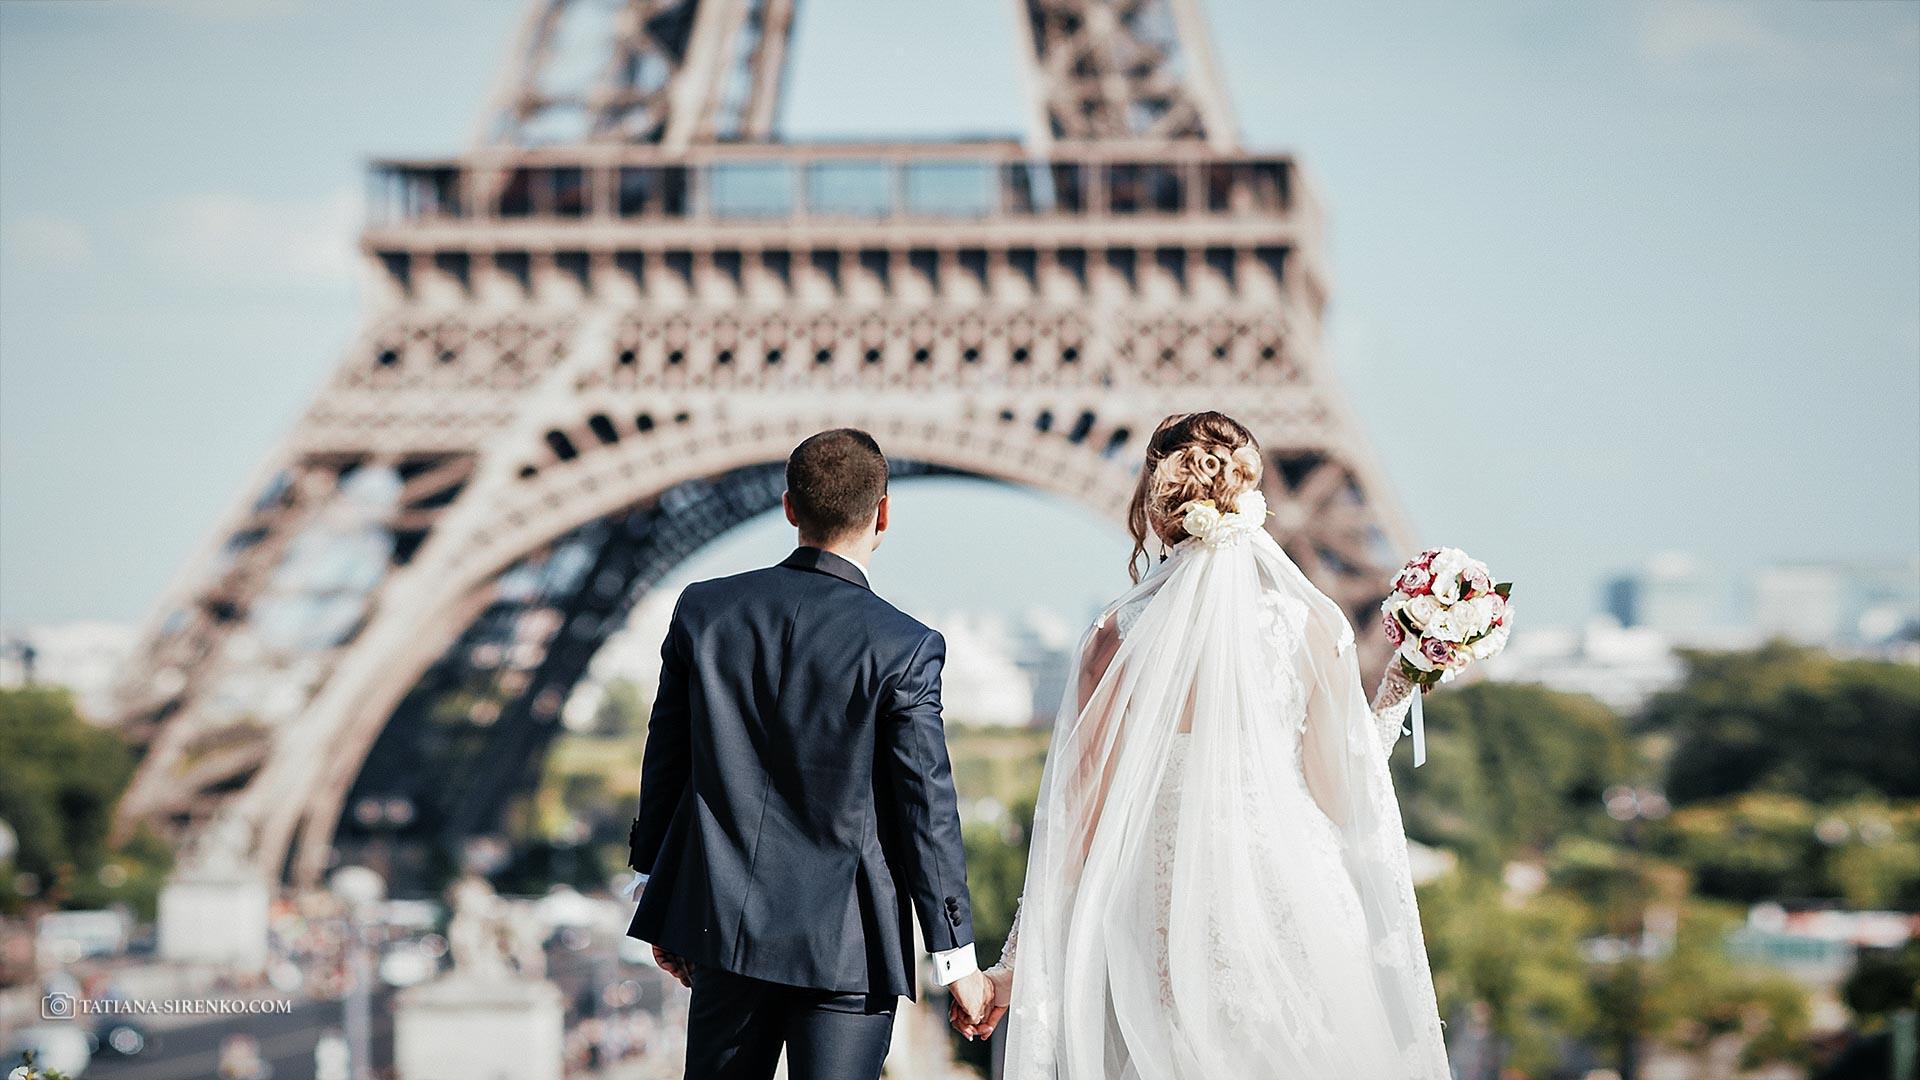 Фотосессия в Париже у Эйфелевой башни